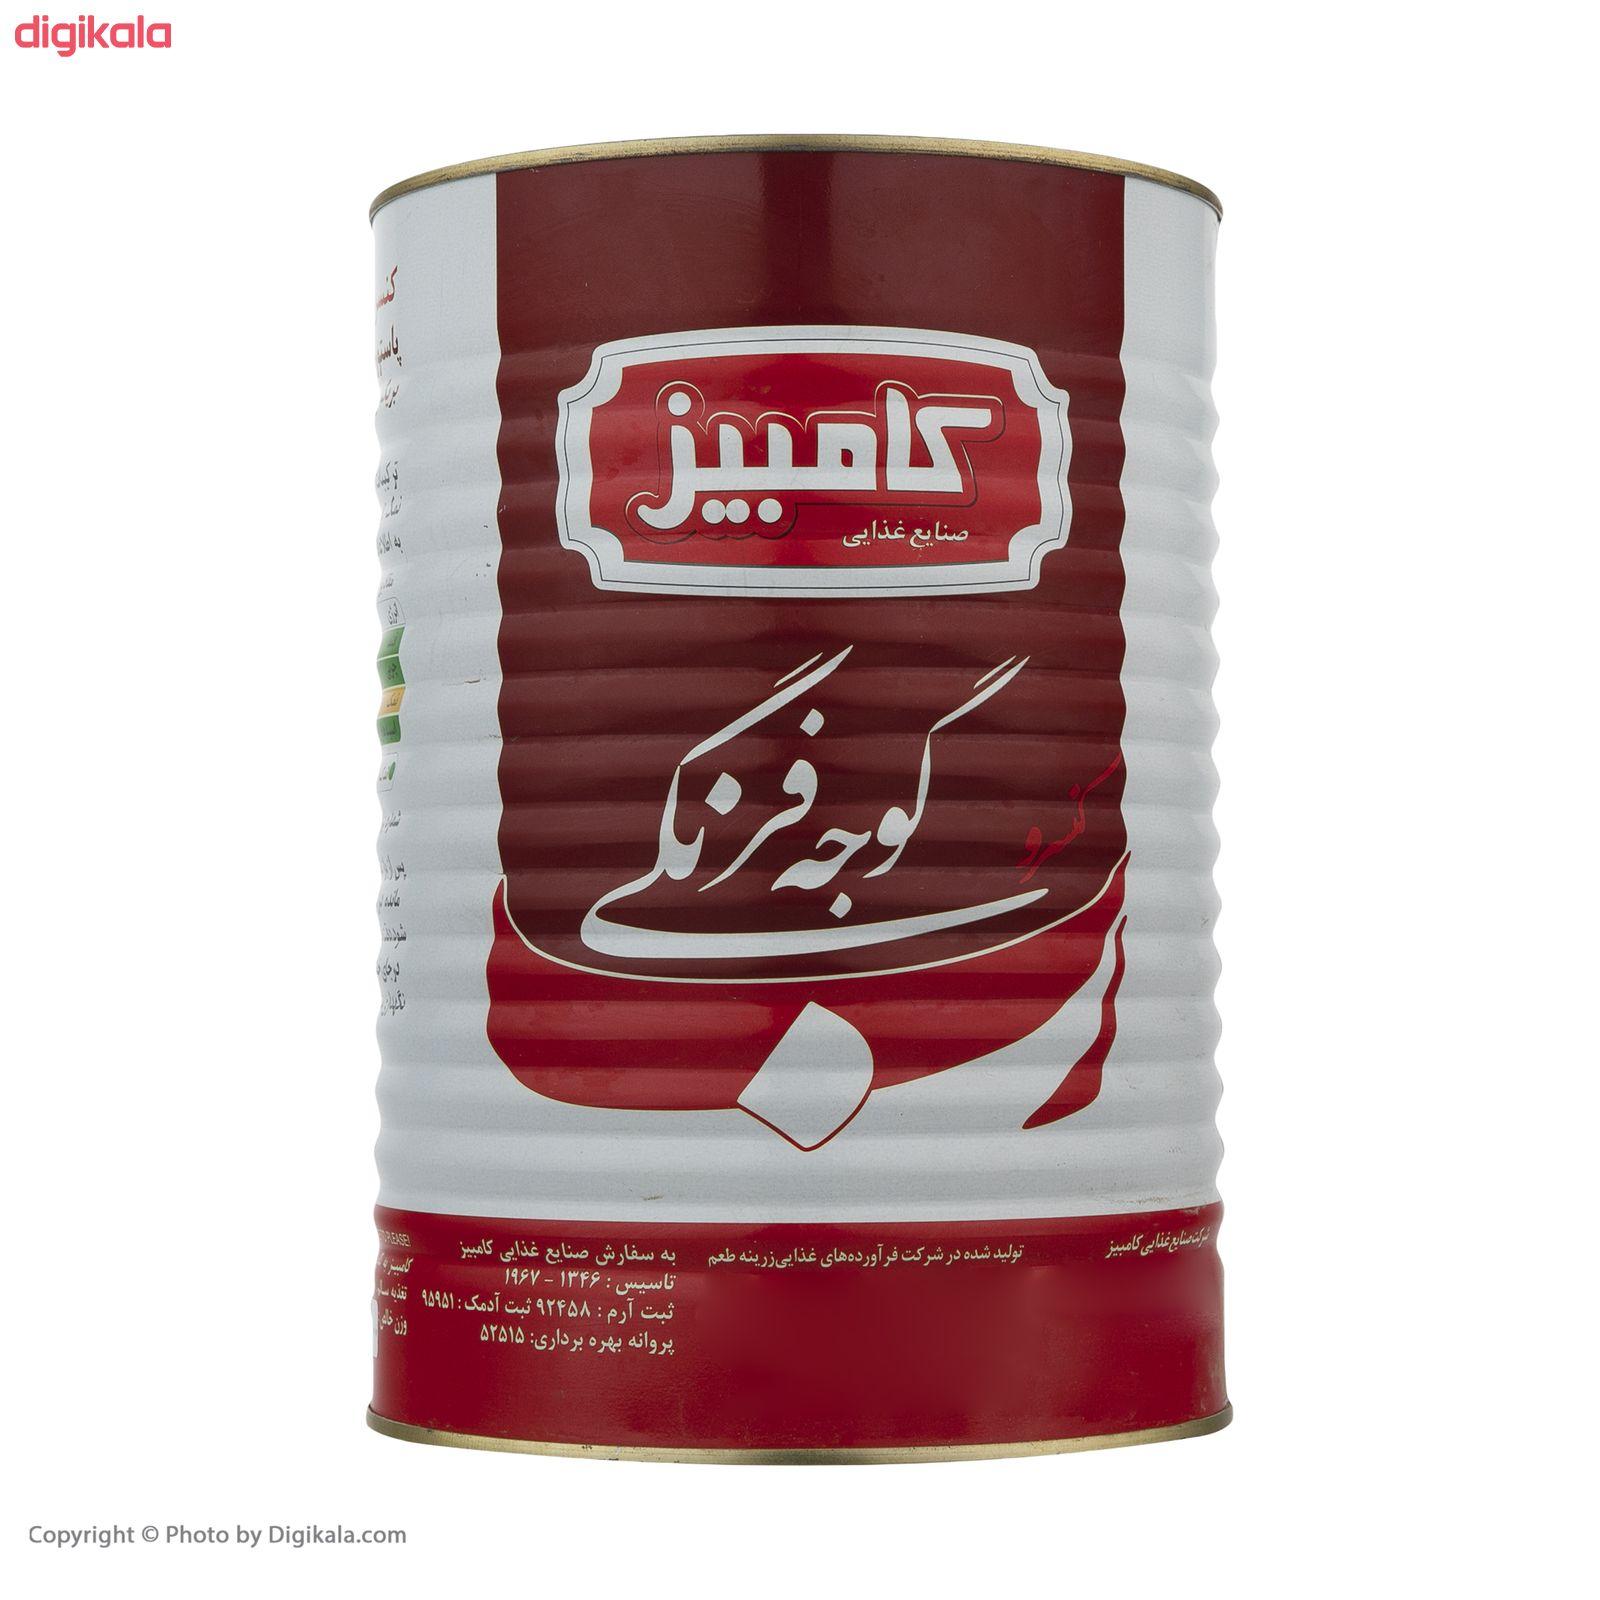 کنسرو رب گوجه فرنگی کامبیز - 4 کیلوگرم main 1 1